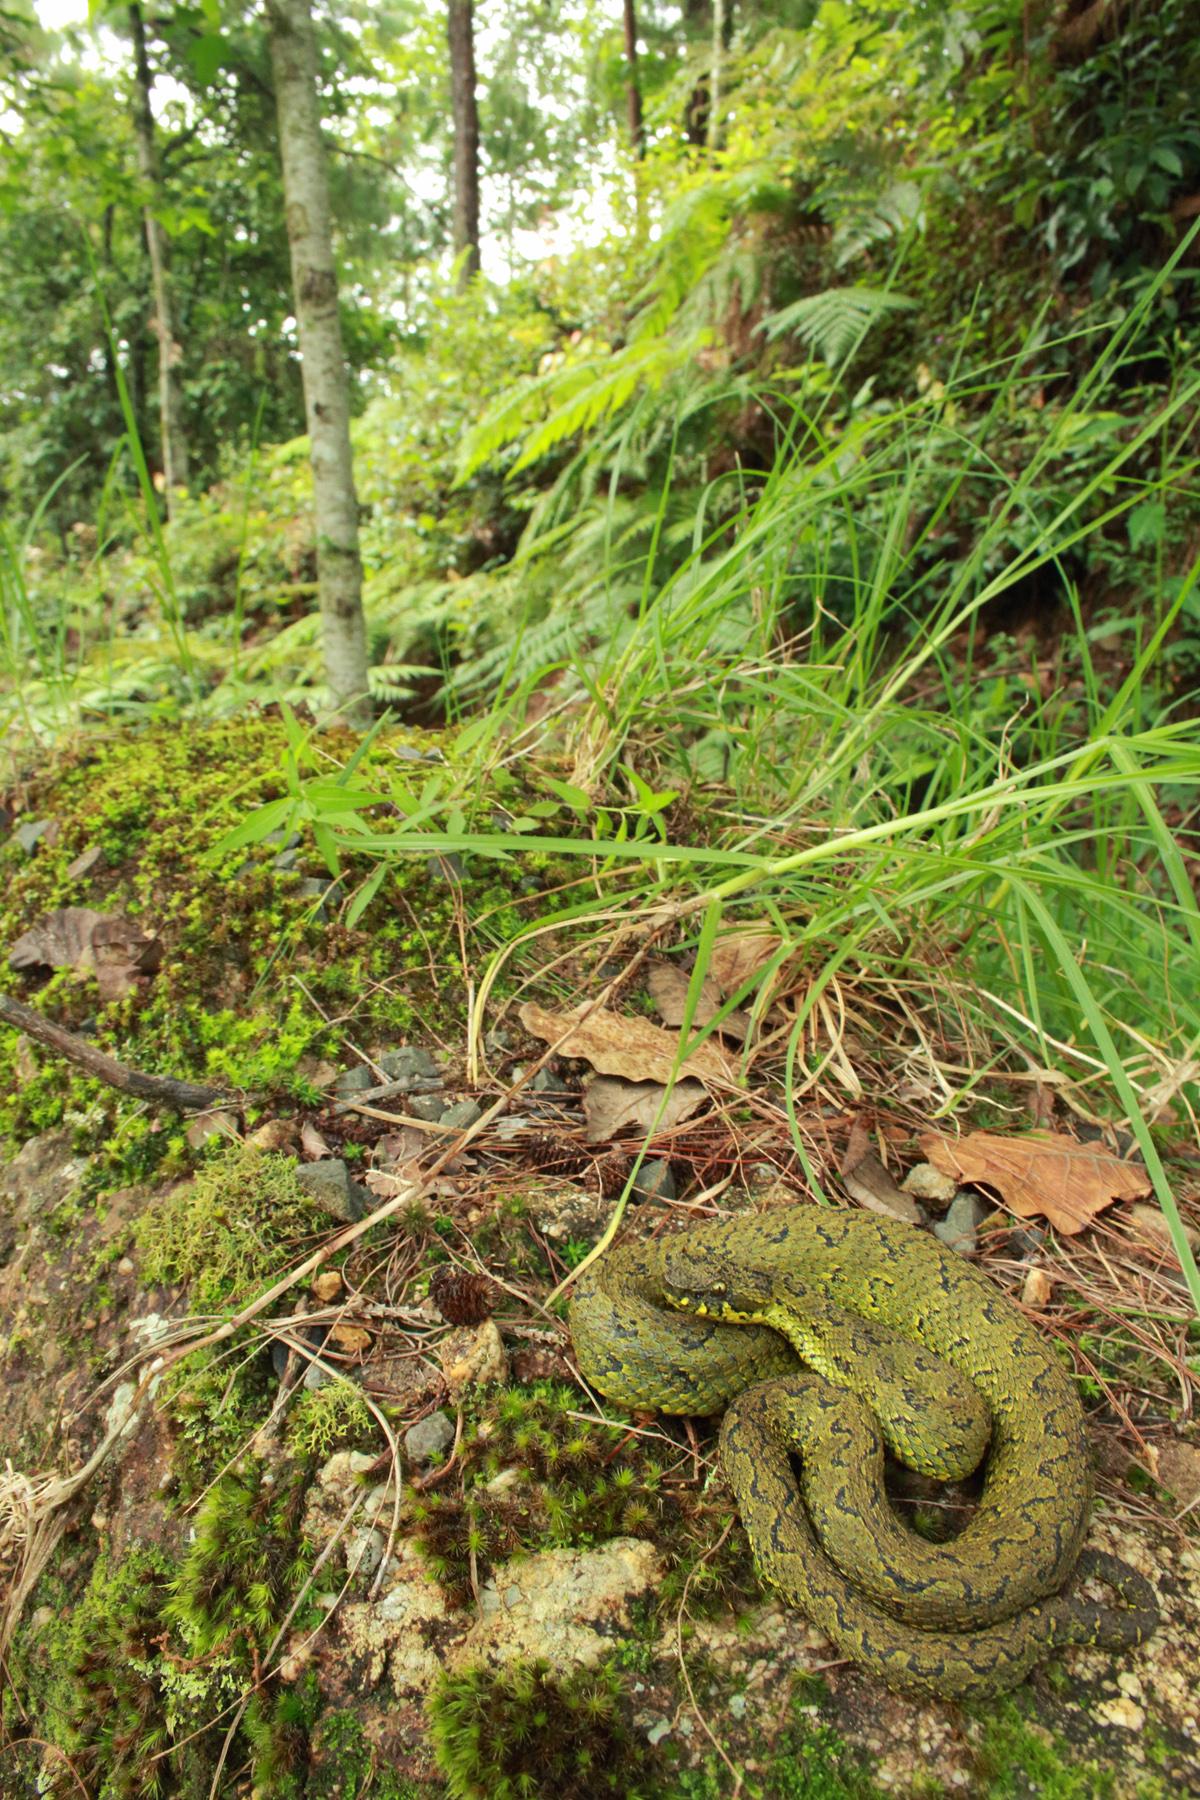 Ophryacus-smaragdinus-in-habitat-02